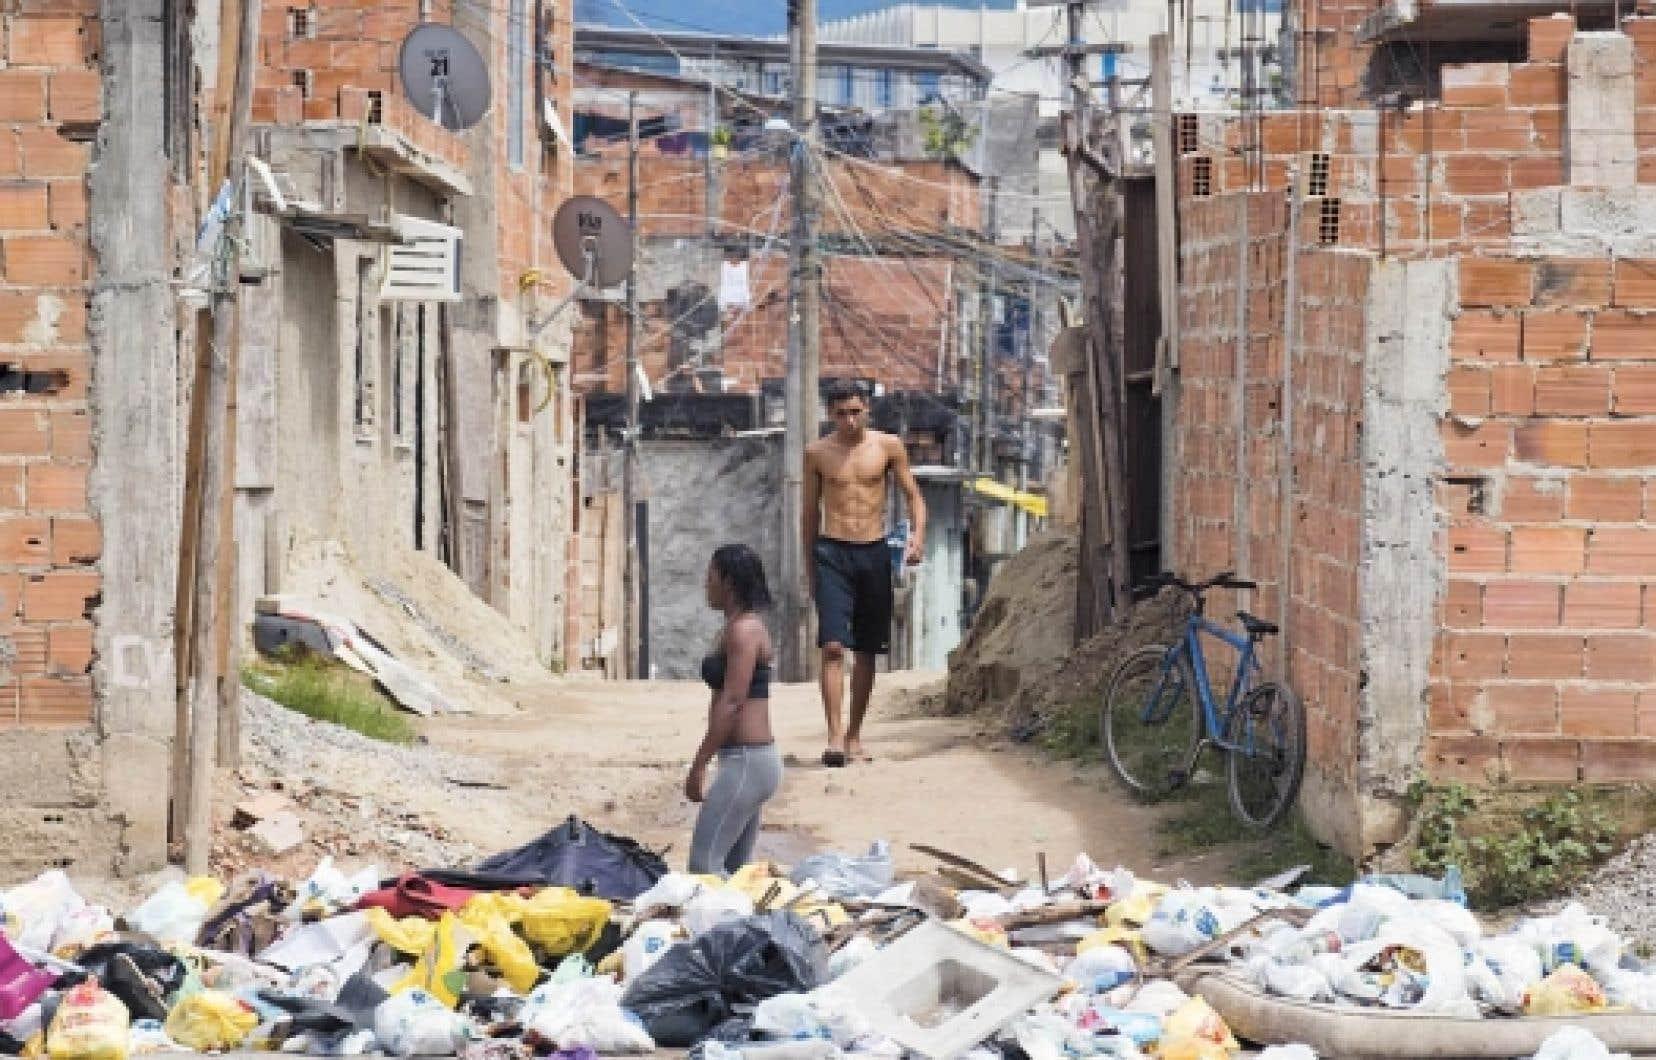 Bien que la situation &eacute;volue favorablement, il reste encore 16 millions de Br&eacute;siliens qui vivent toujours dans le besoin.<br />